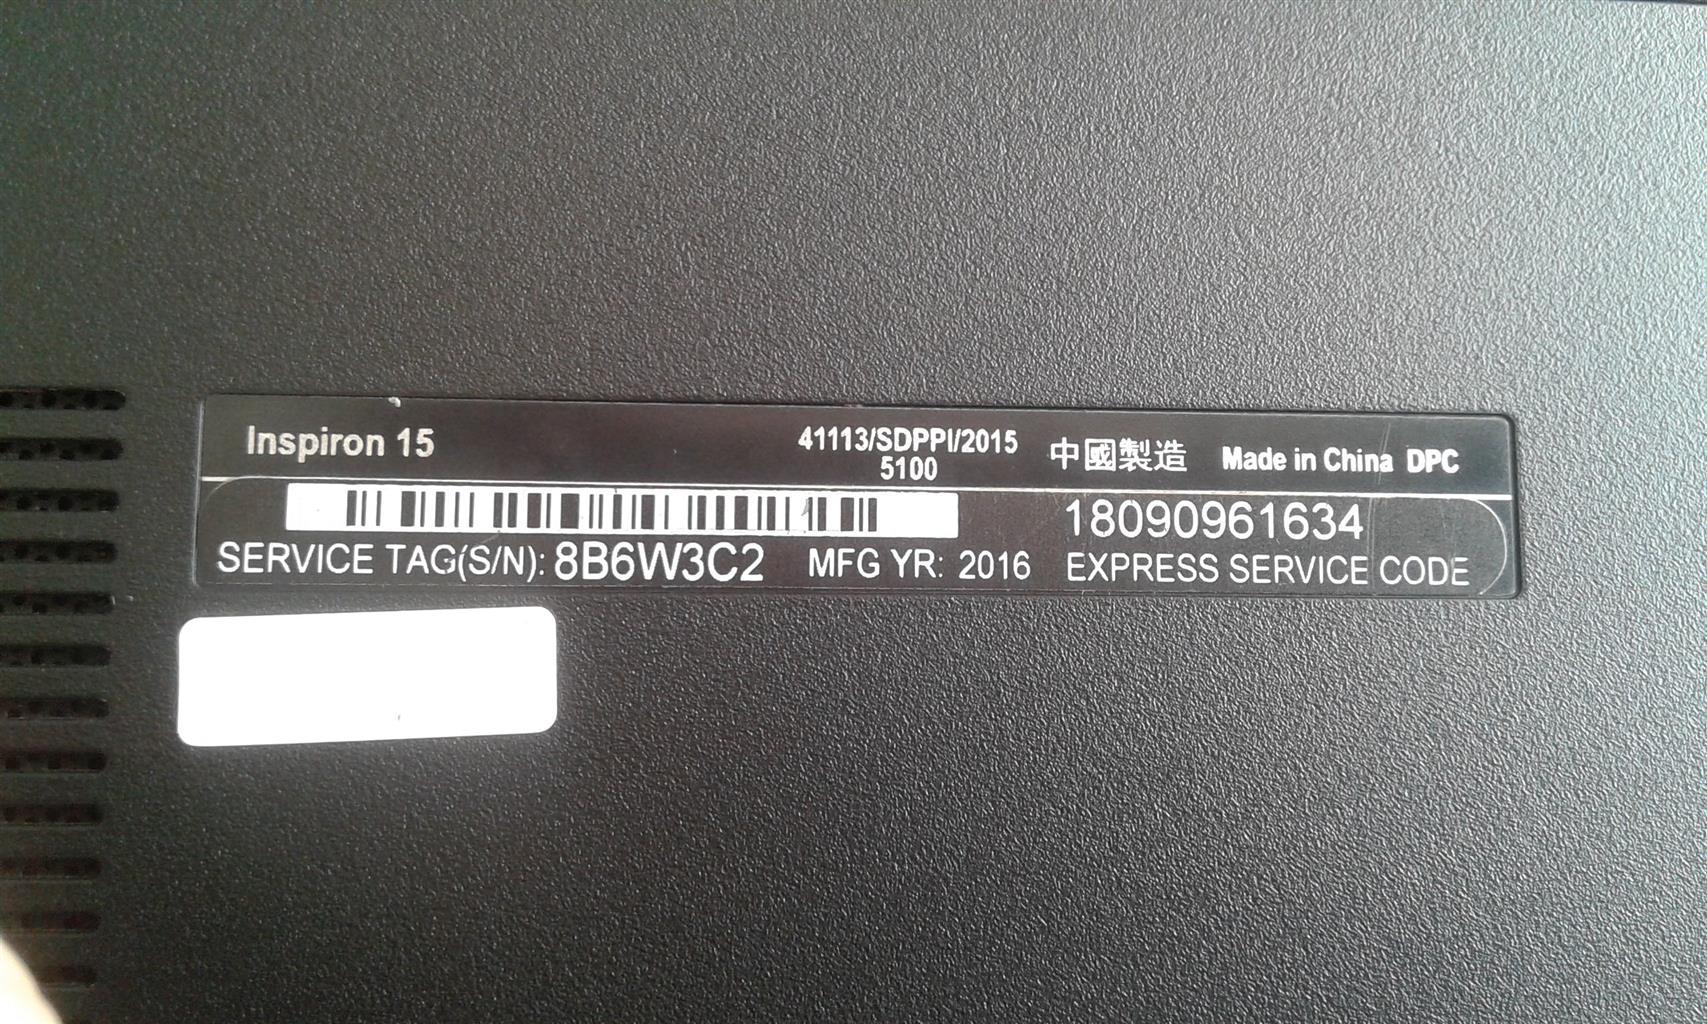 Dell Inspiron 15 5100 2016